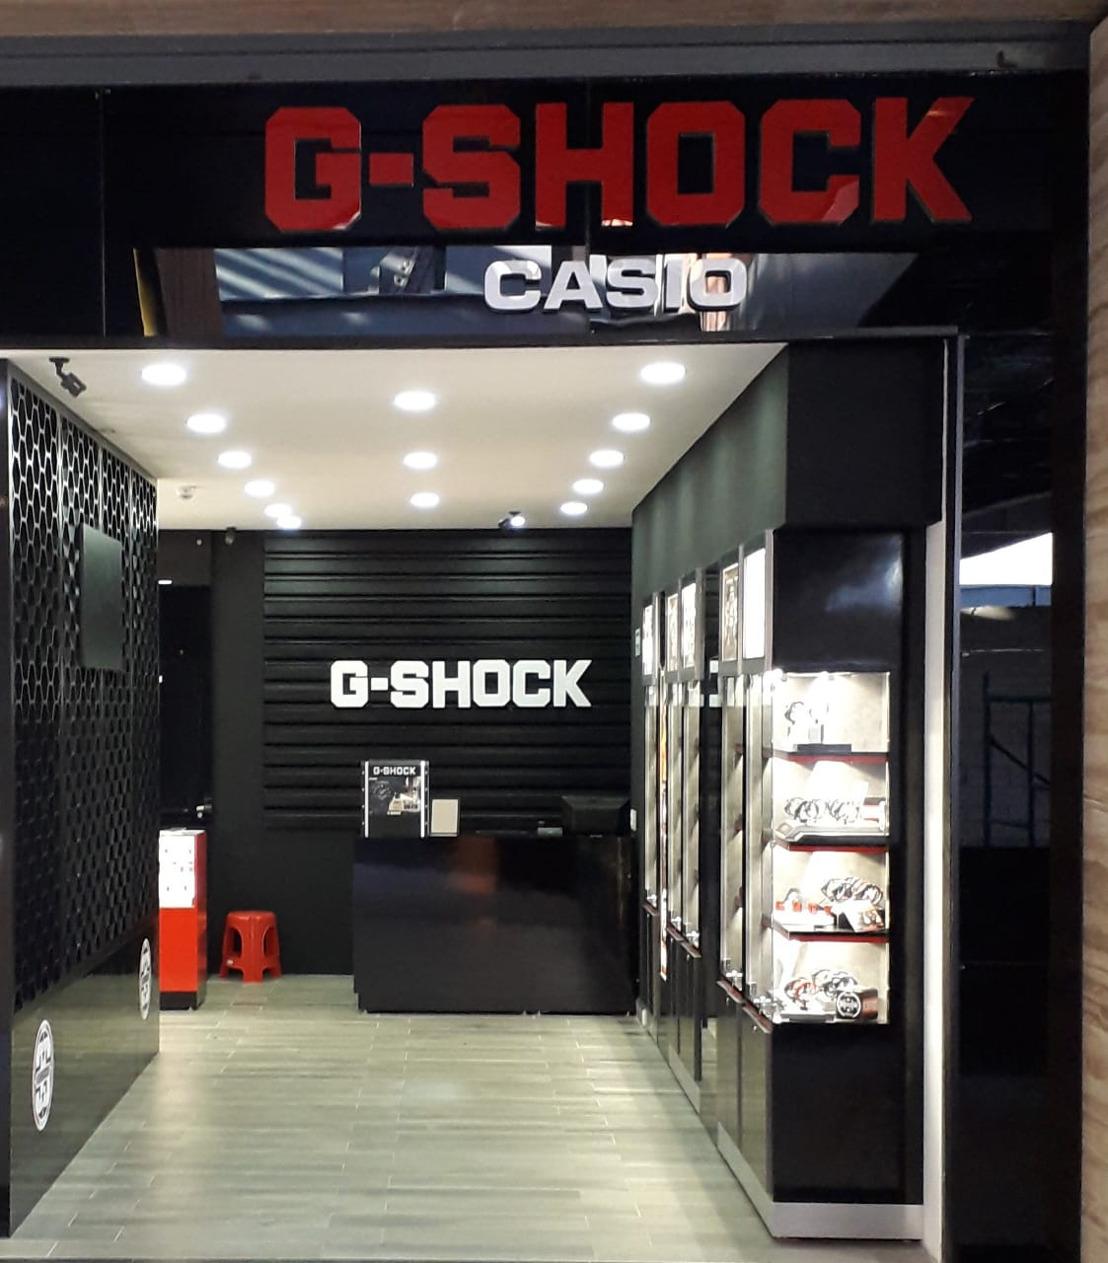 G-SHOCK continúa creciendo con nueva sucursal en Guadalajara